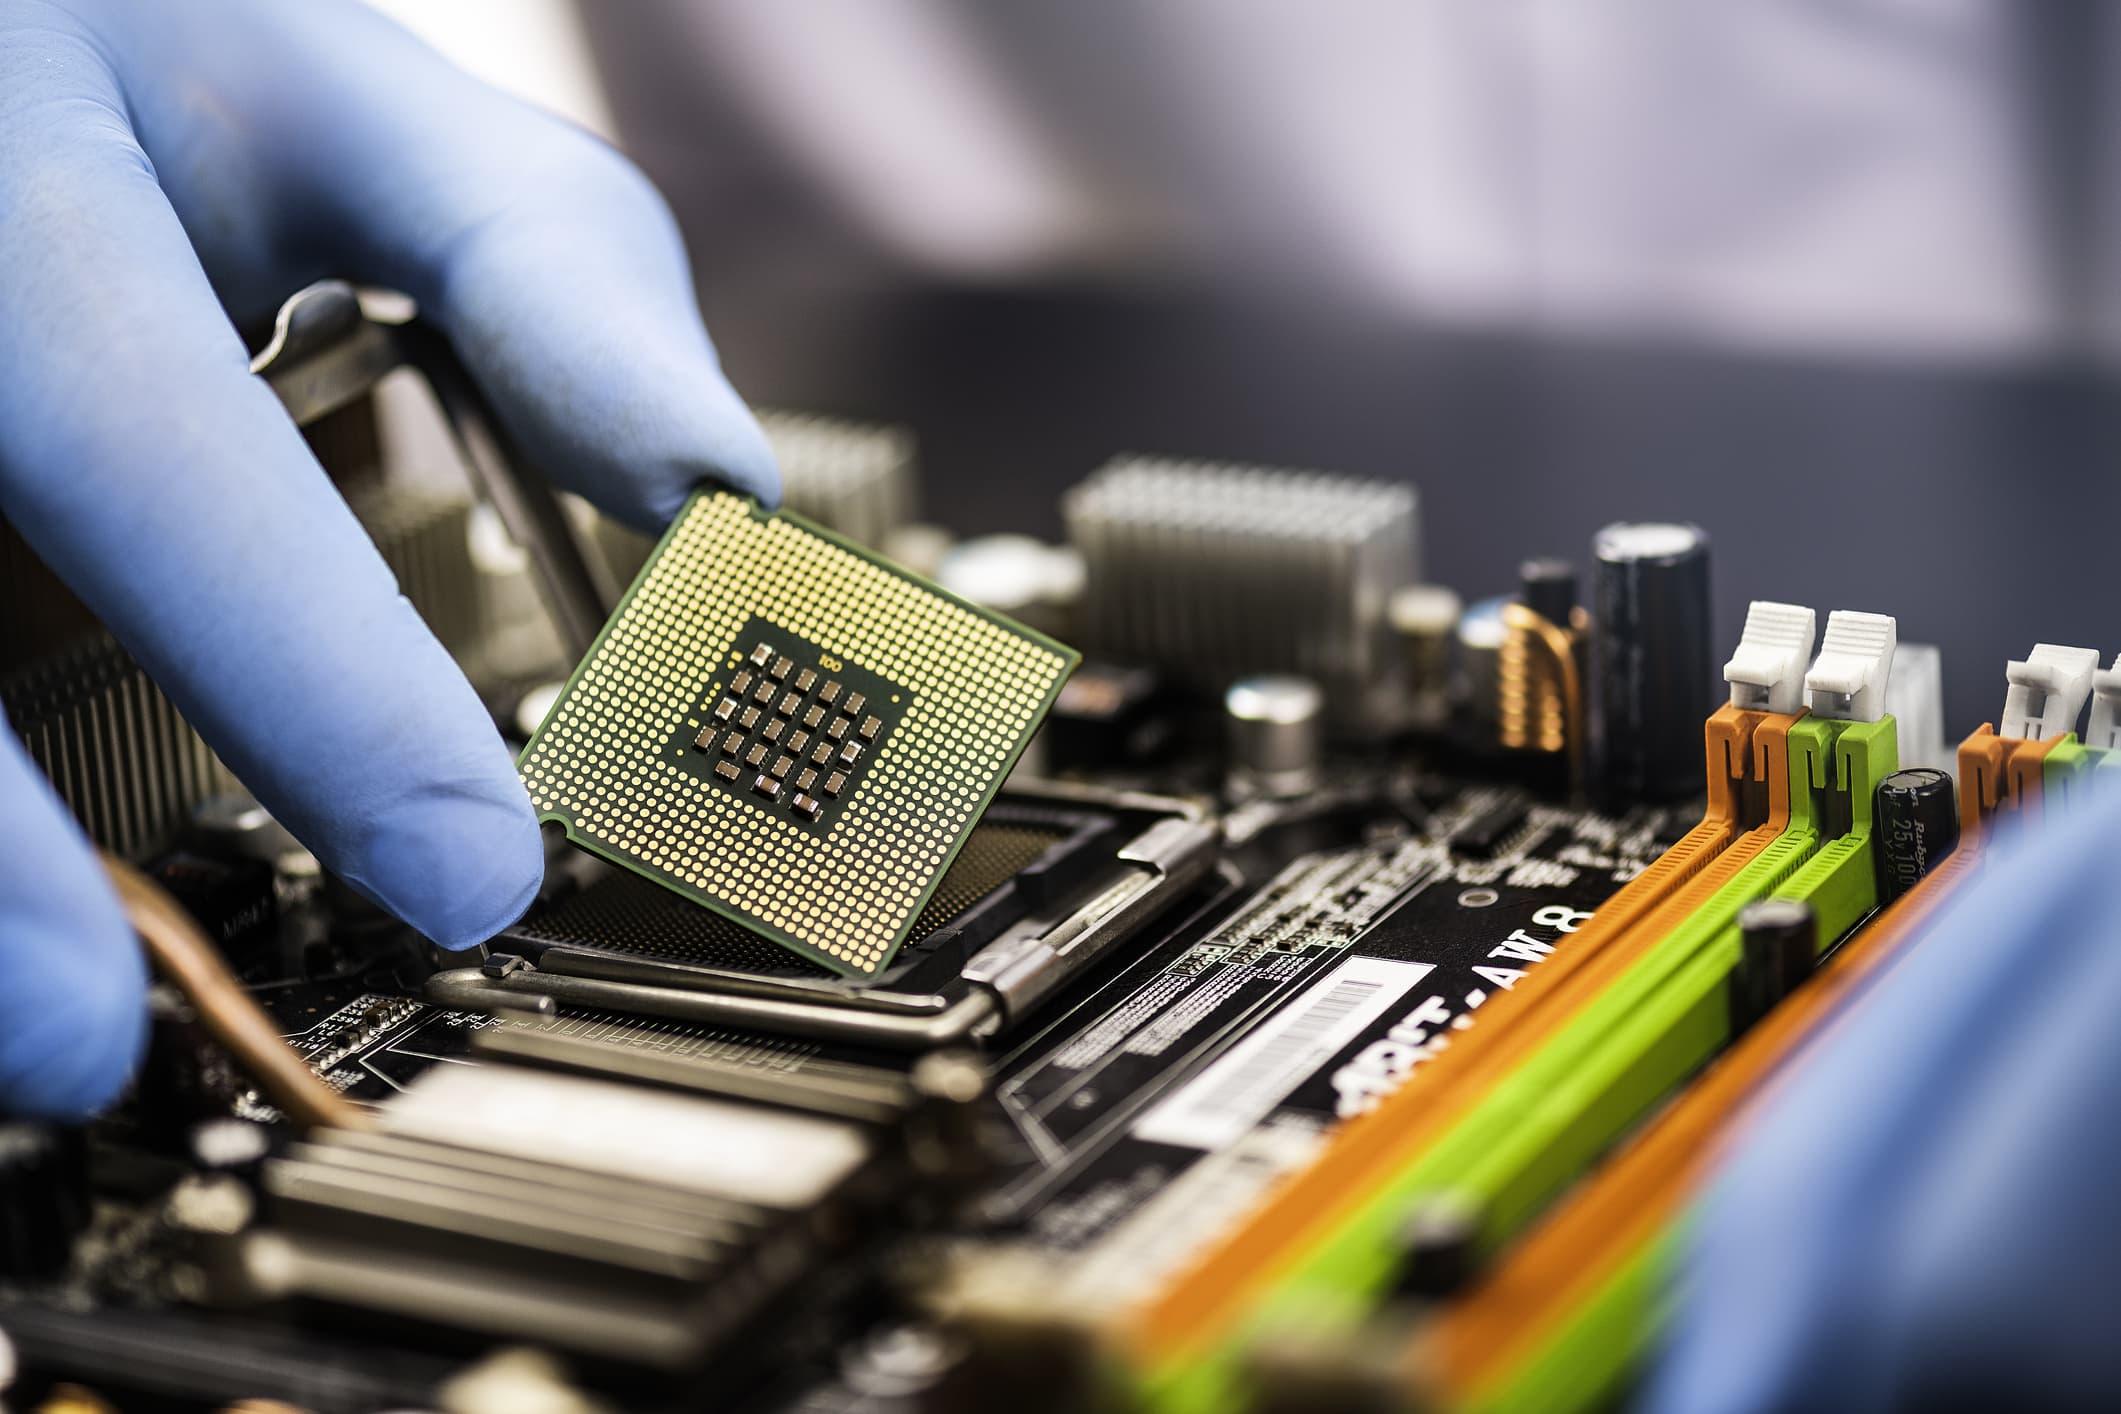 Κινεζικών συμφερόντων εξαγορά βρετανού κατασκευαστή microchips